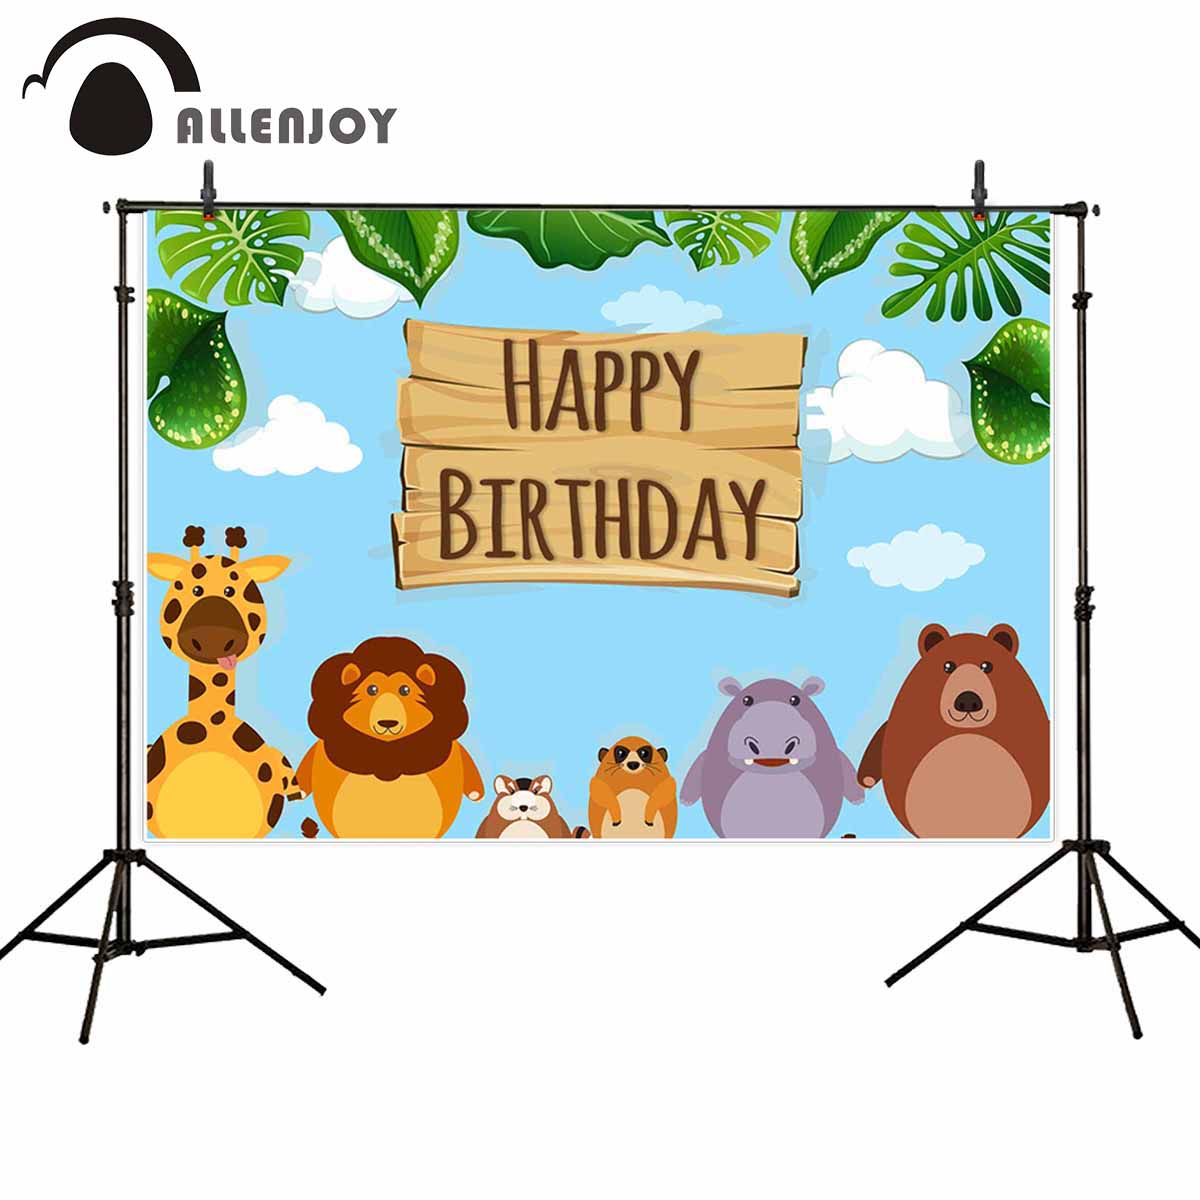 Allenjoy джунгли фотозвуки облака листья Жираф Лев медведь Бегемот белка мультфильм животных баннер детские товары для дня рождения